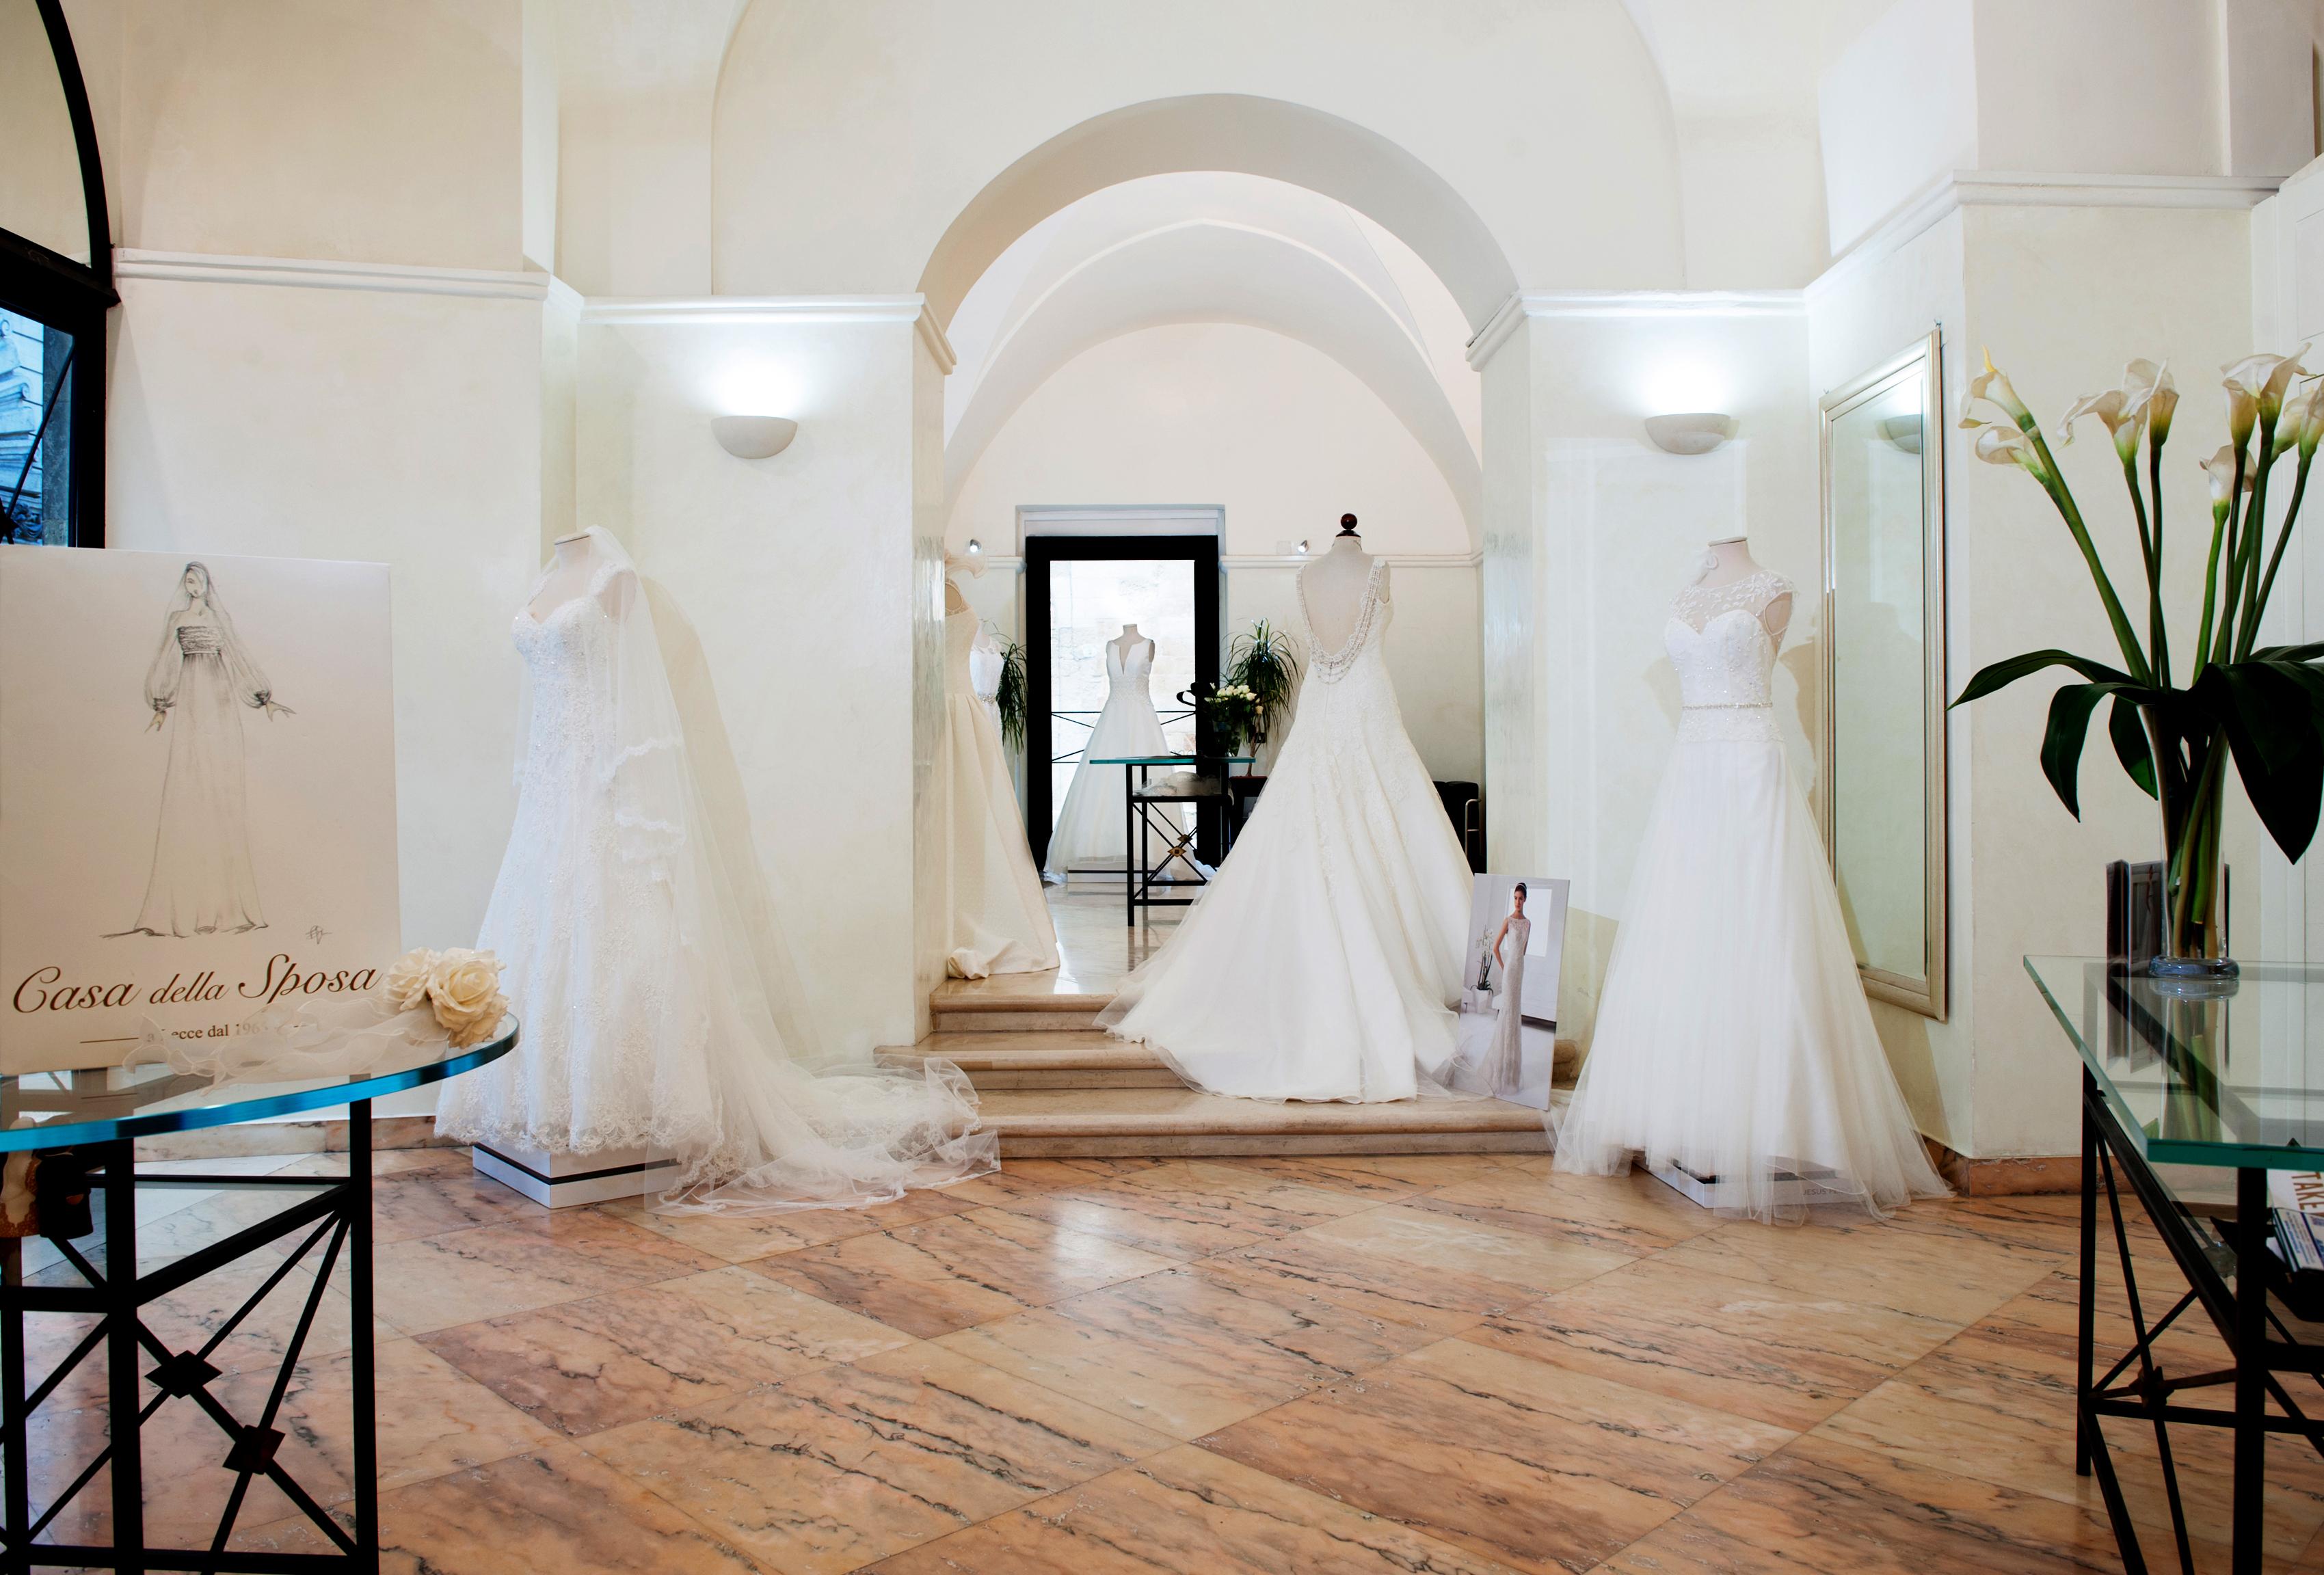 Casa della Sposa Lecce